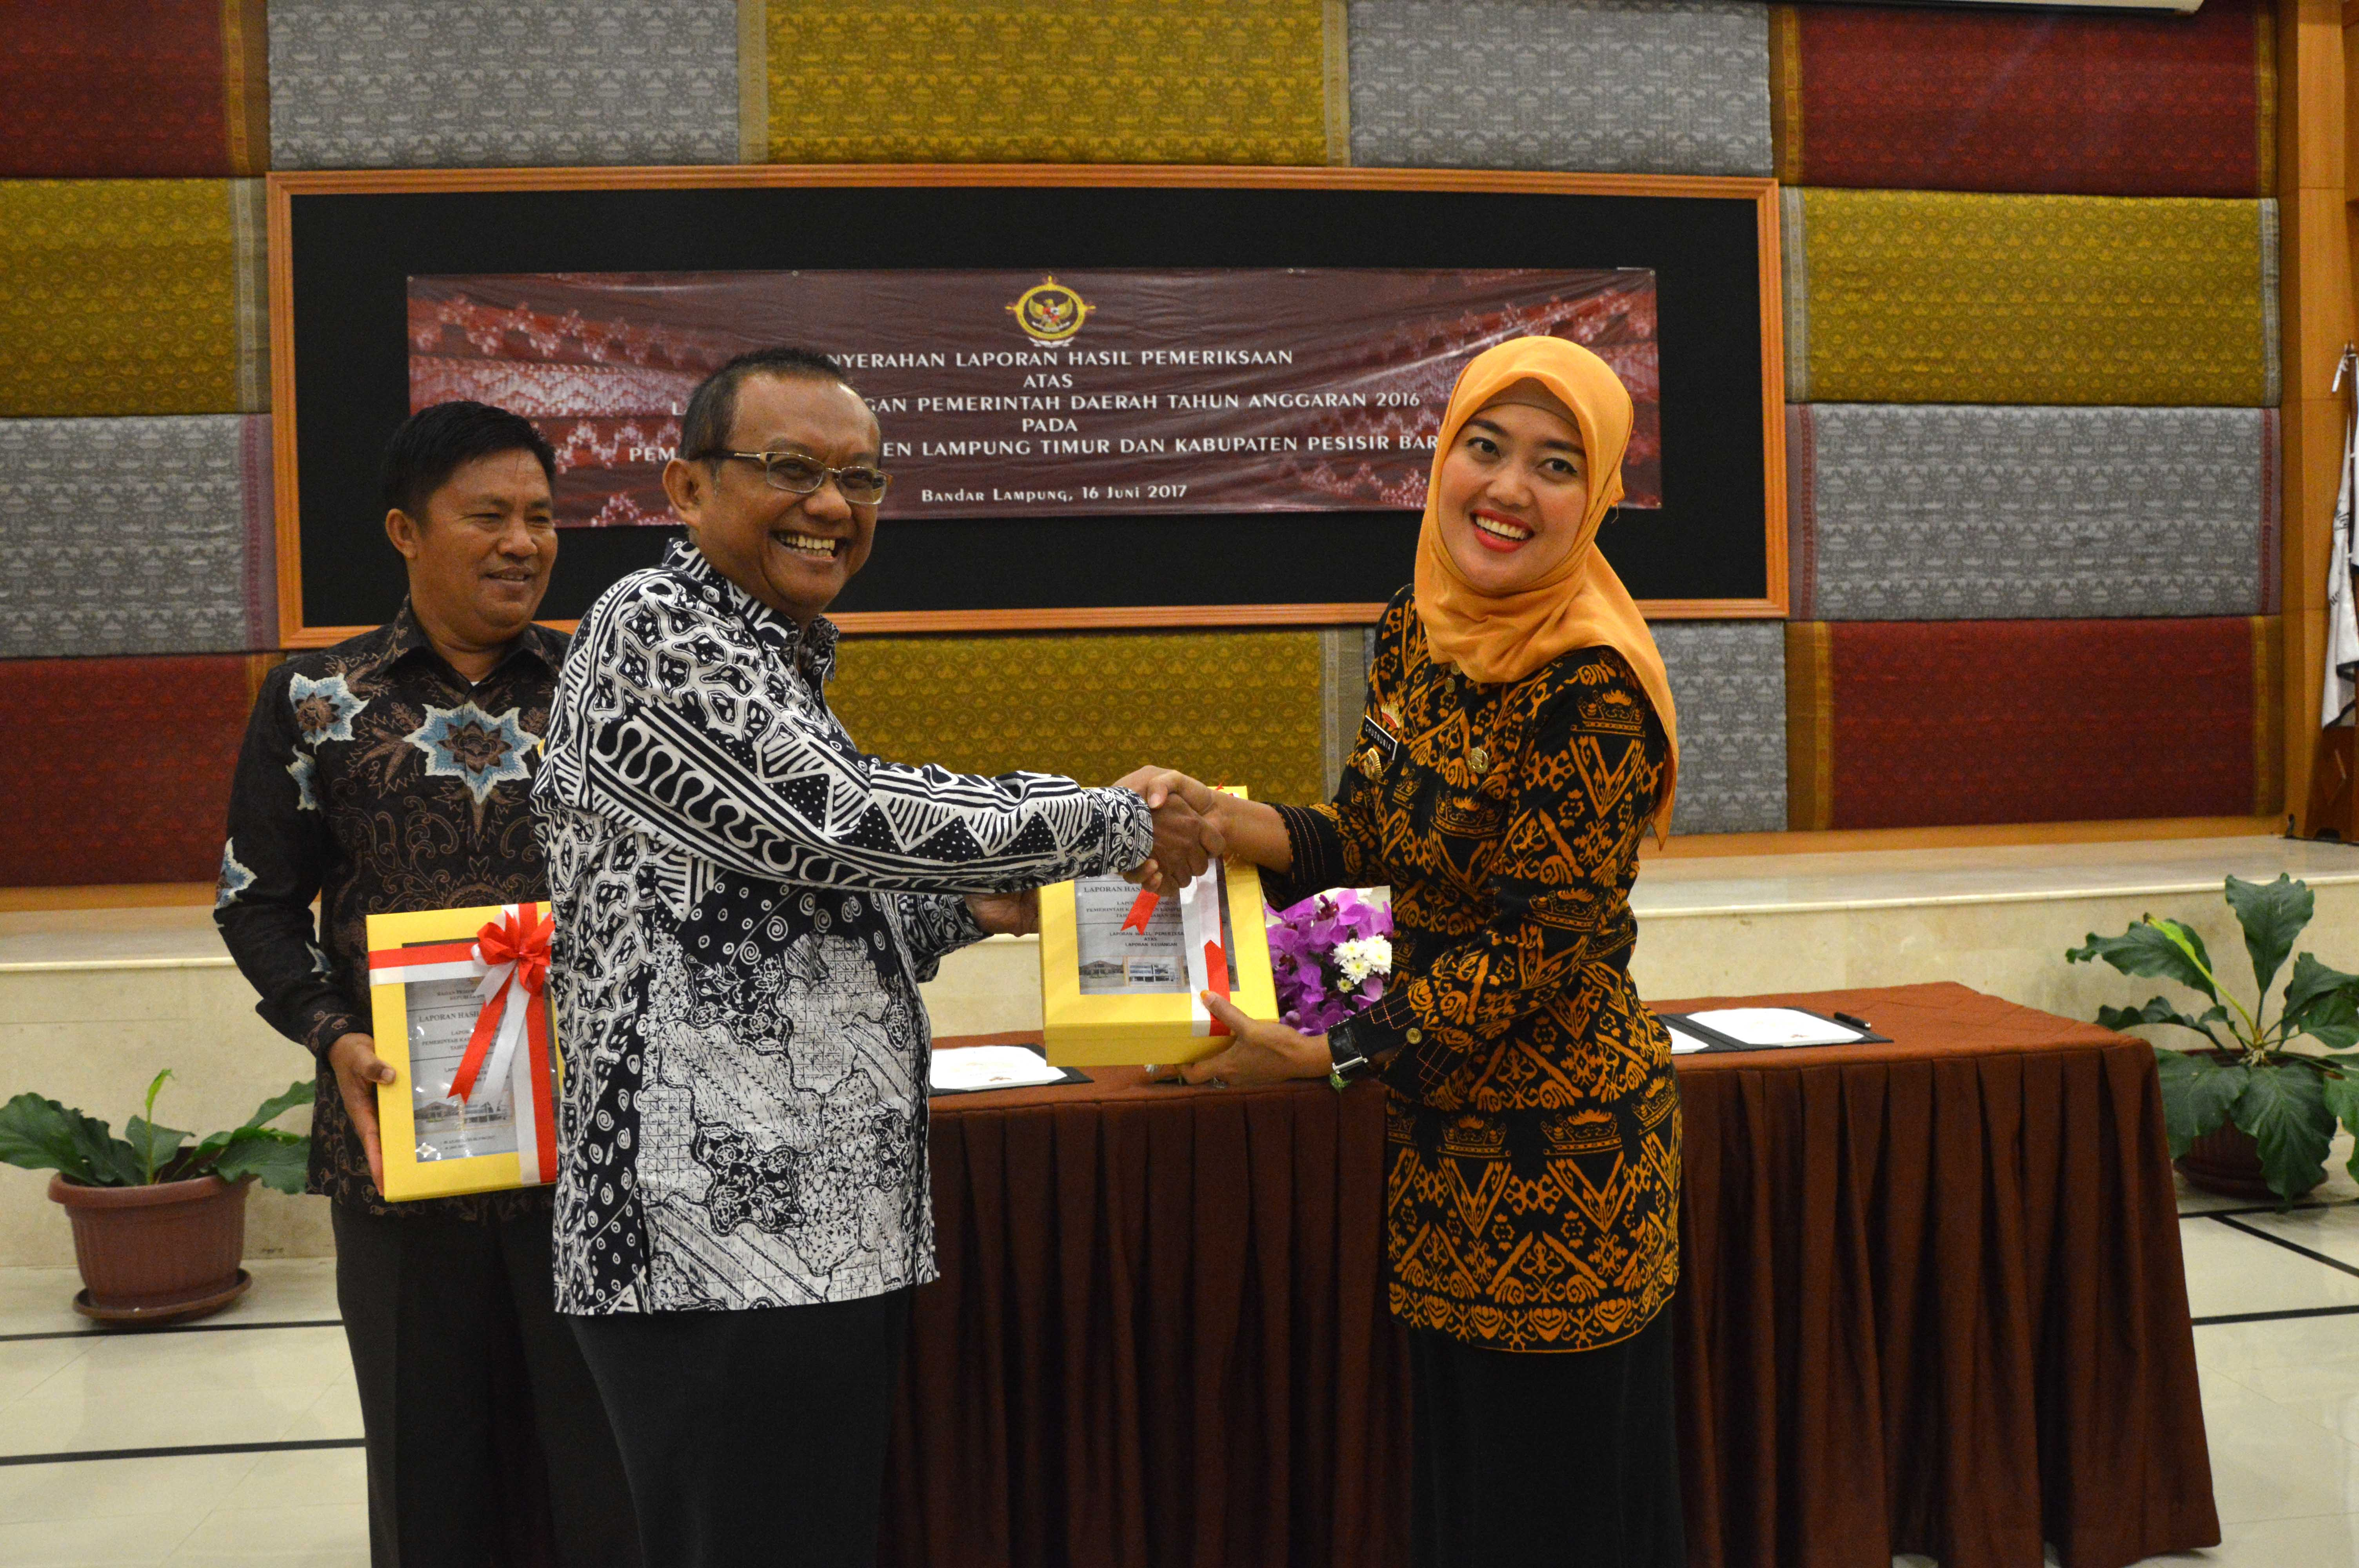 Penyerahan LHP atas LKPD Pemerintah Kabupaten Lampung Timur dan Kabupaten Pesisir Barat TA. 2016